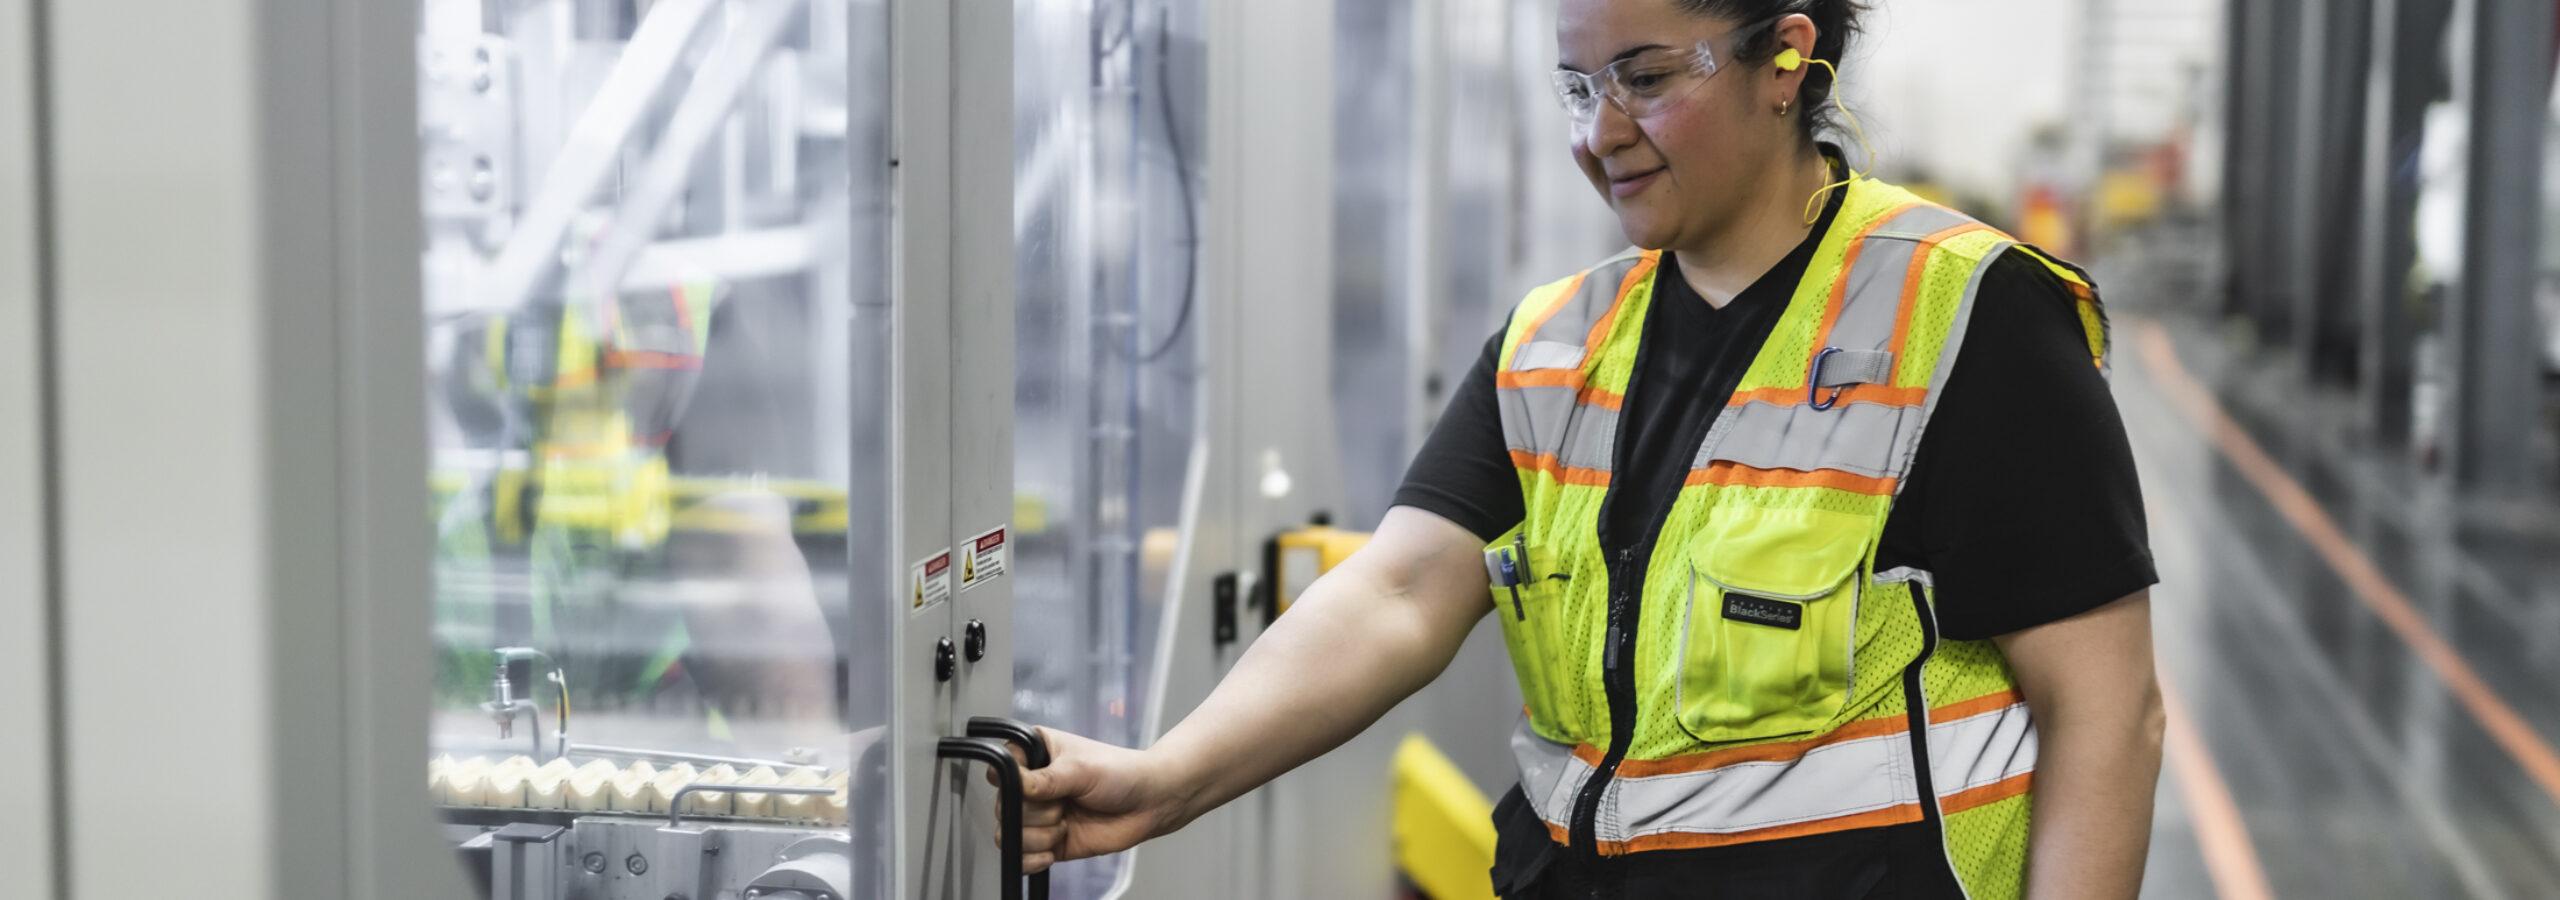 H&T Batteries | Production Services